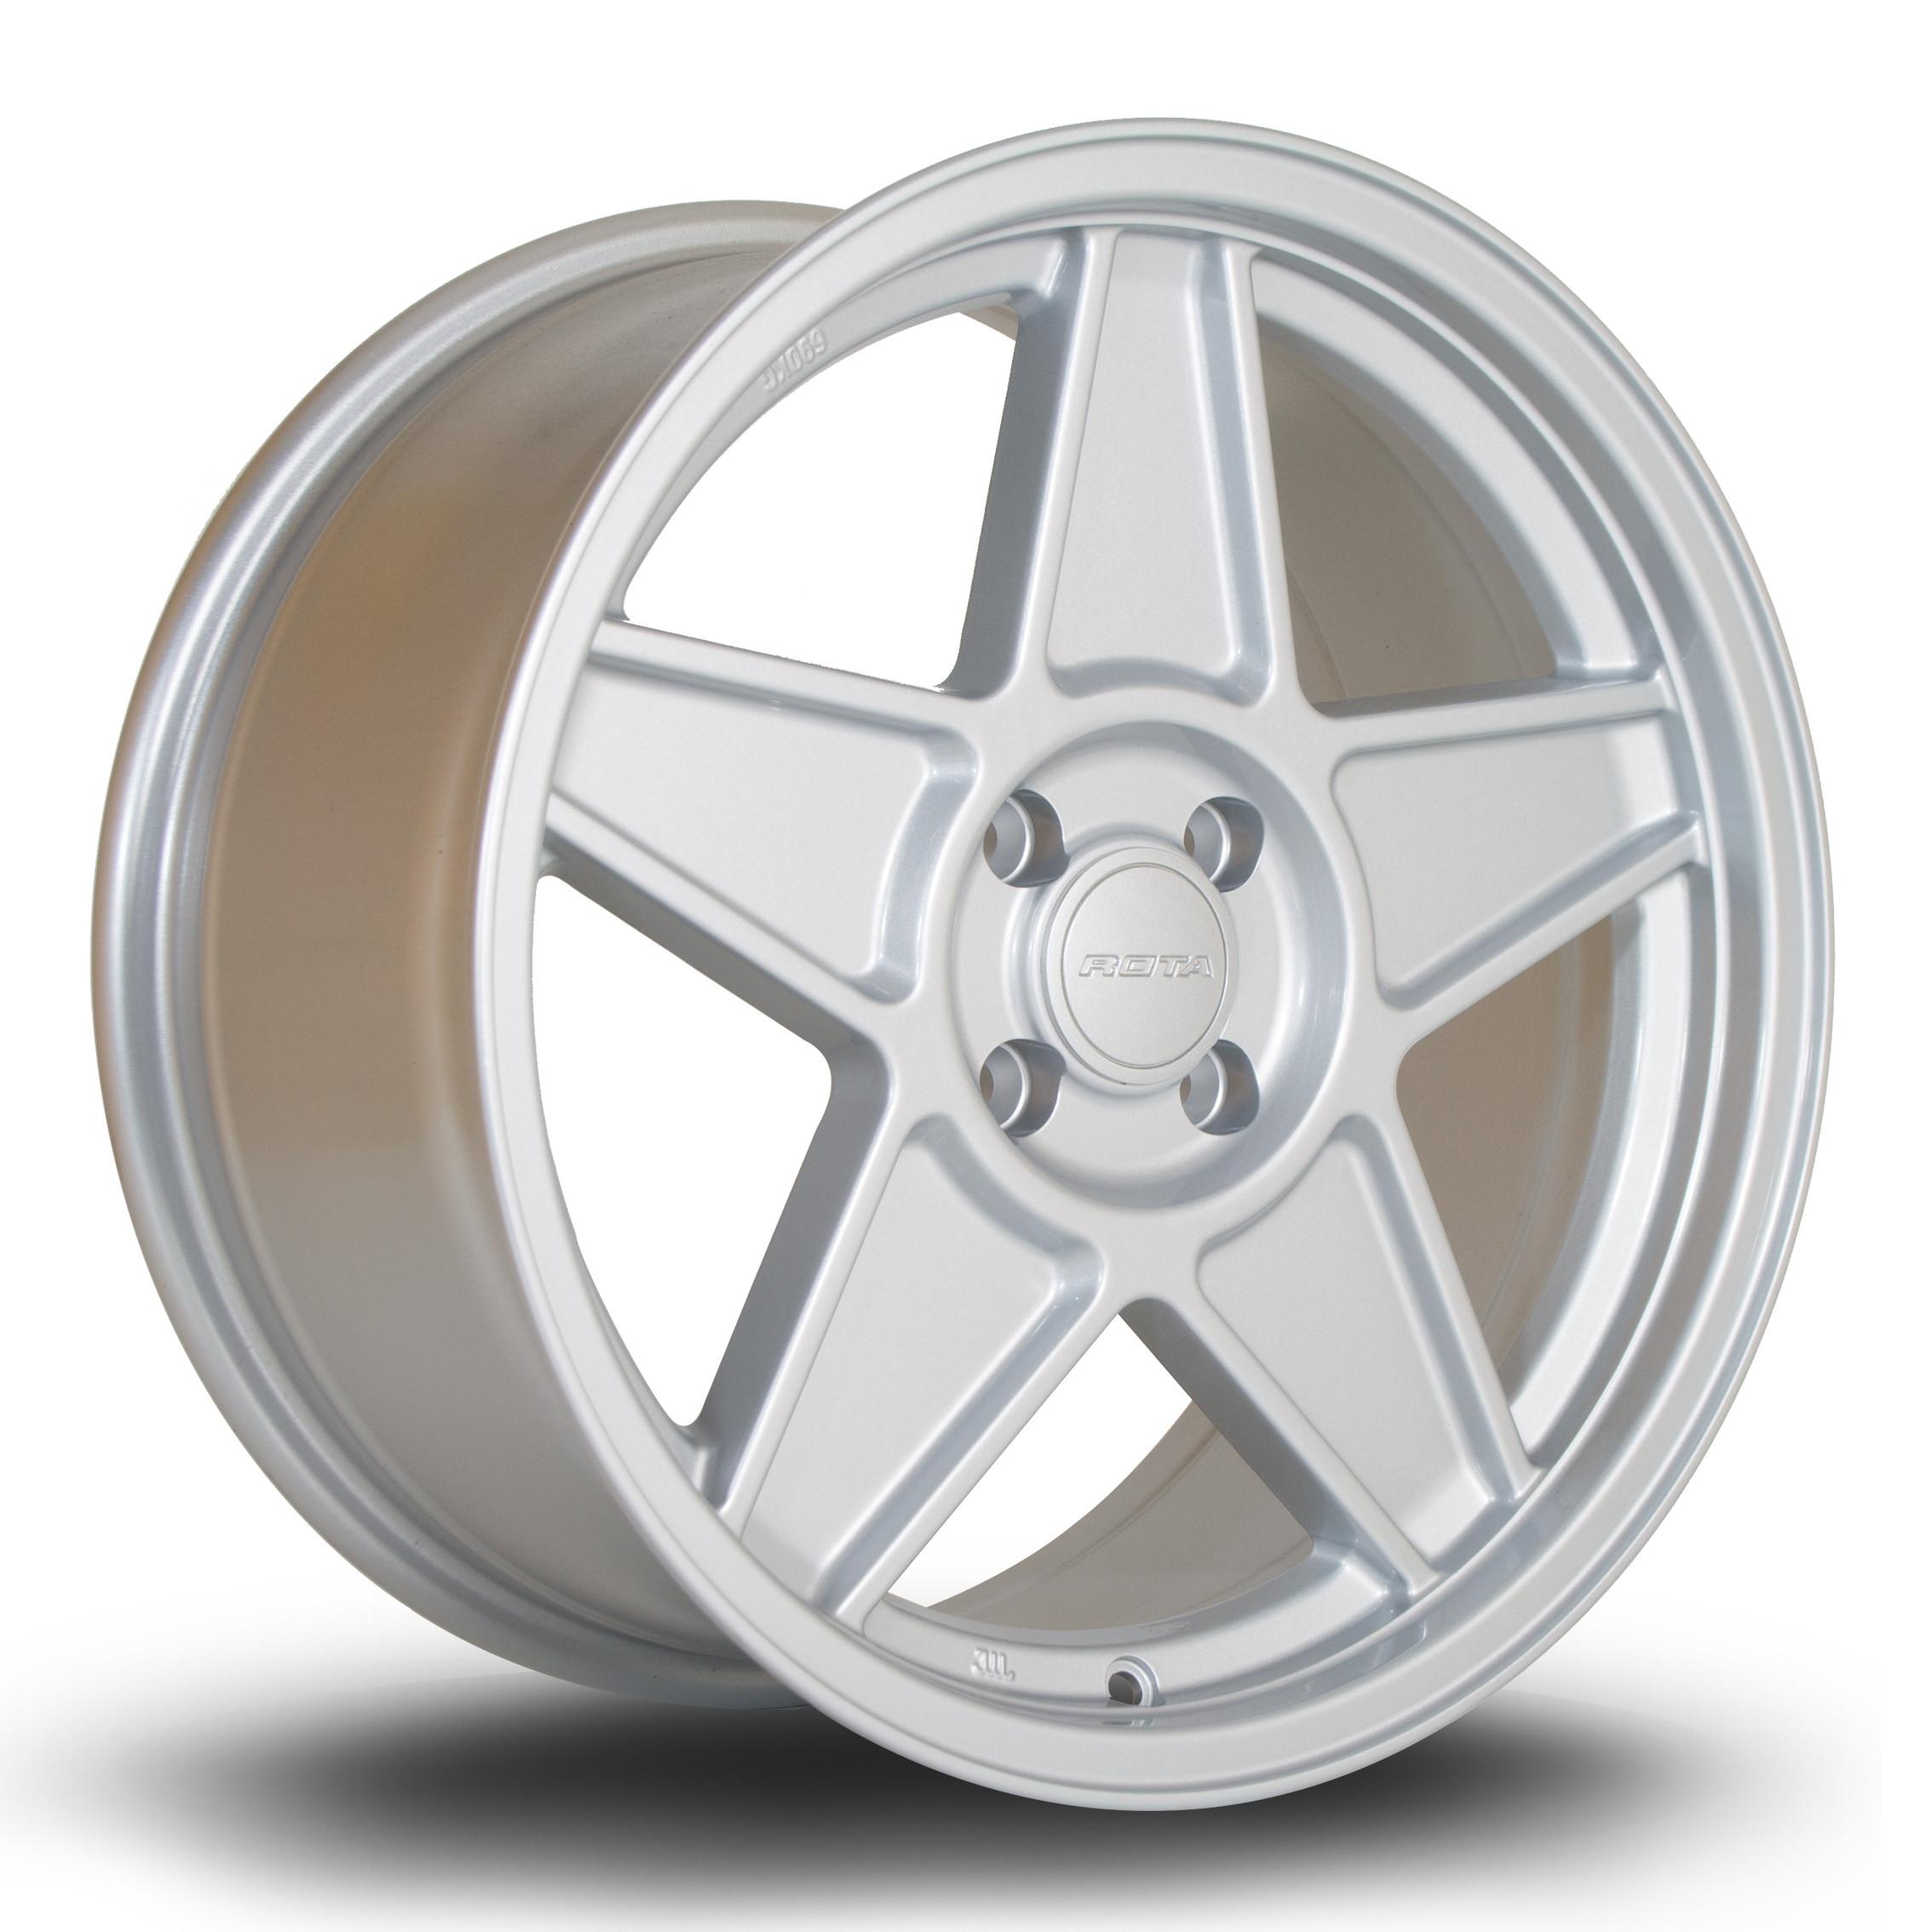 RSS 17x7.5 4x100 ET40 Silver